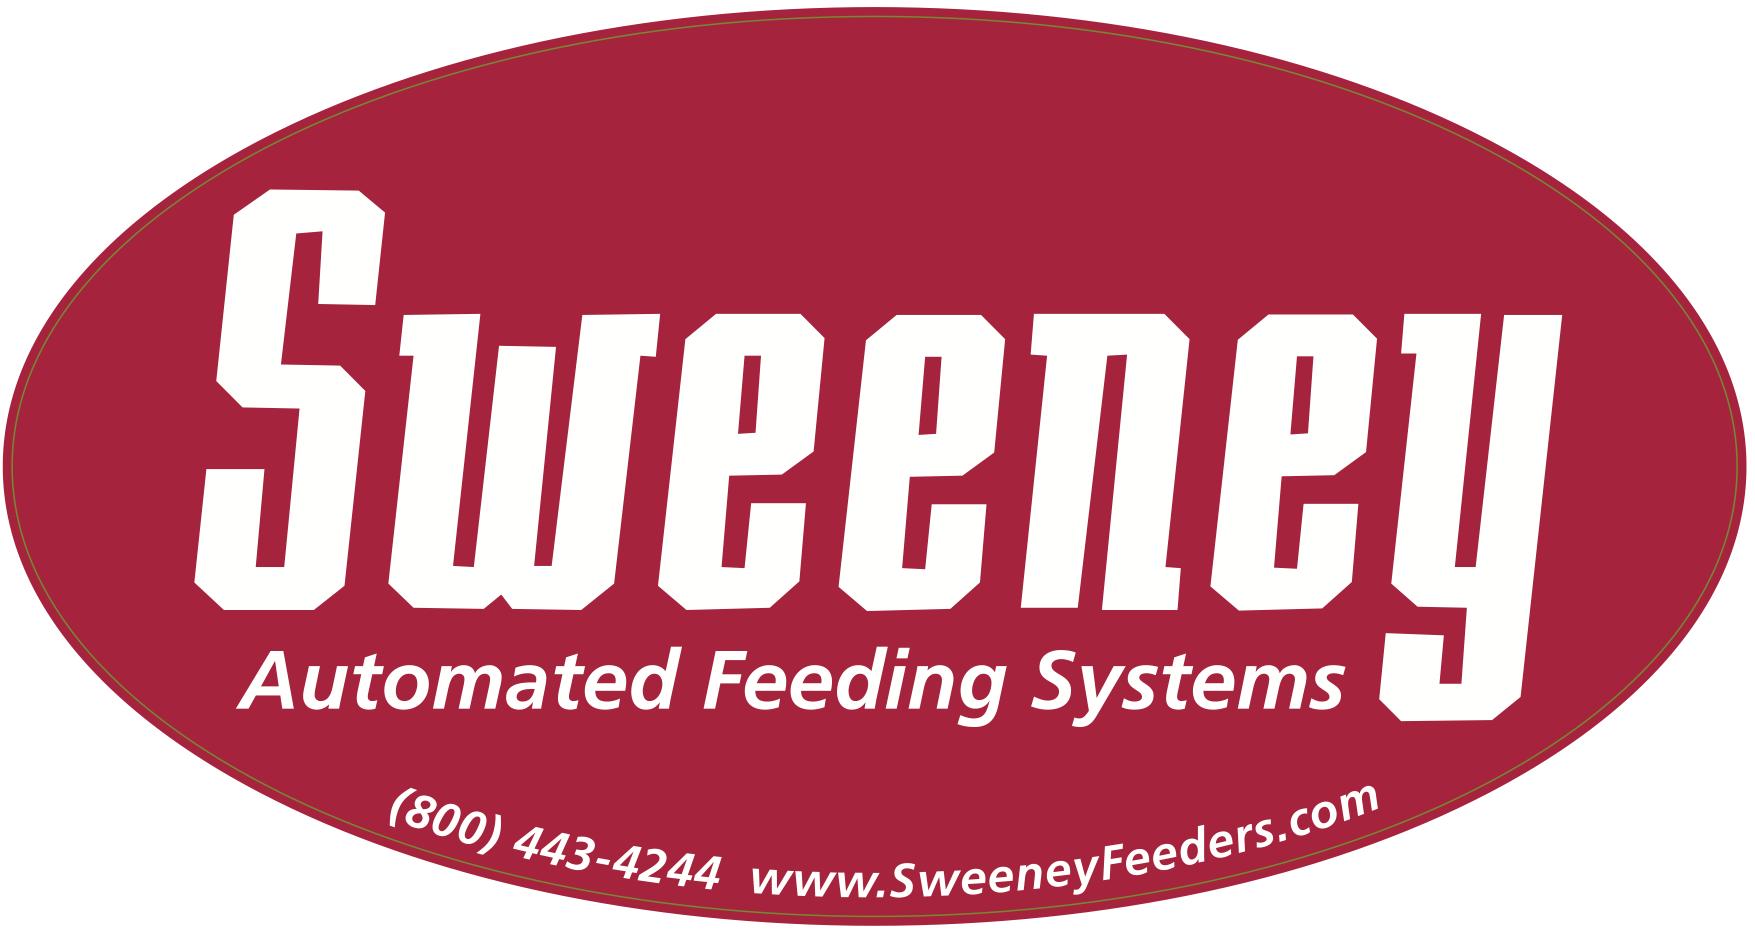 Sweeney Feeders